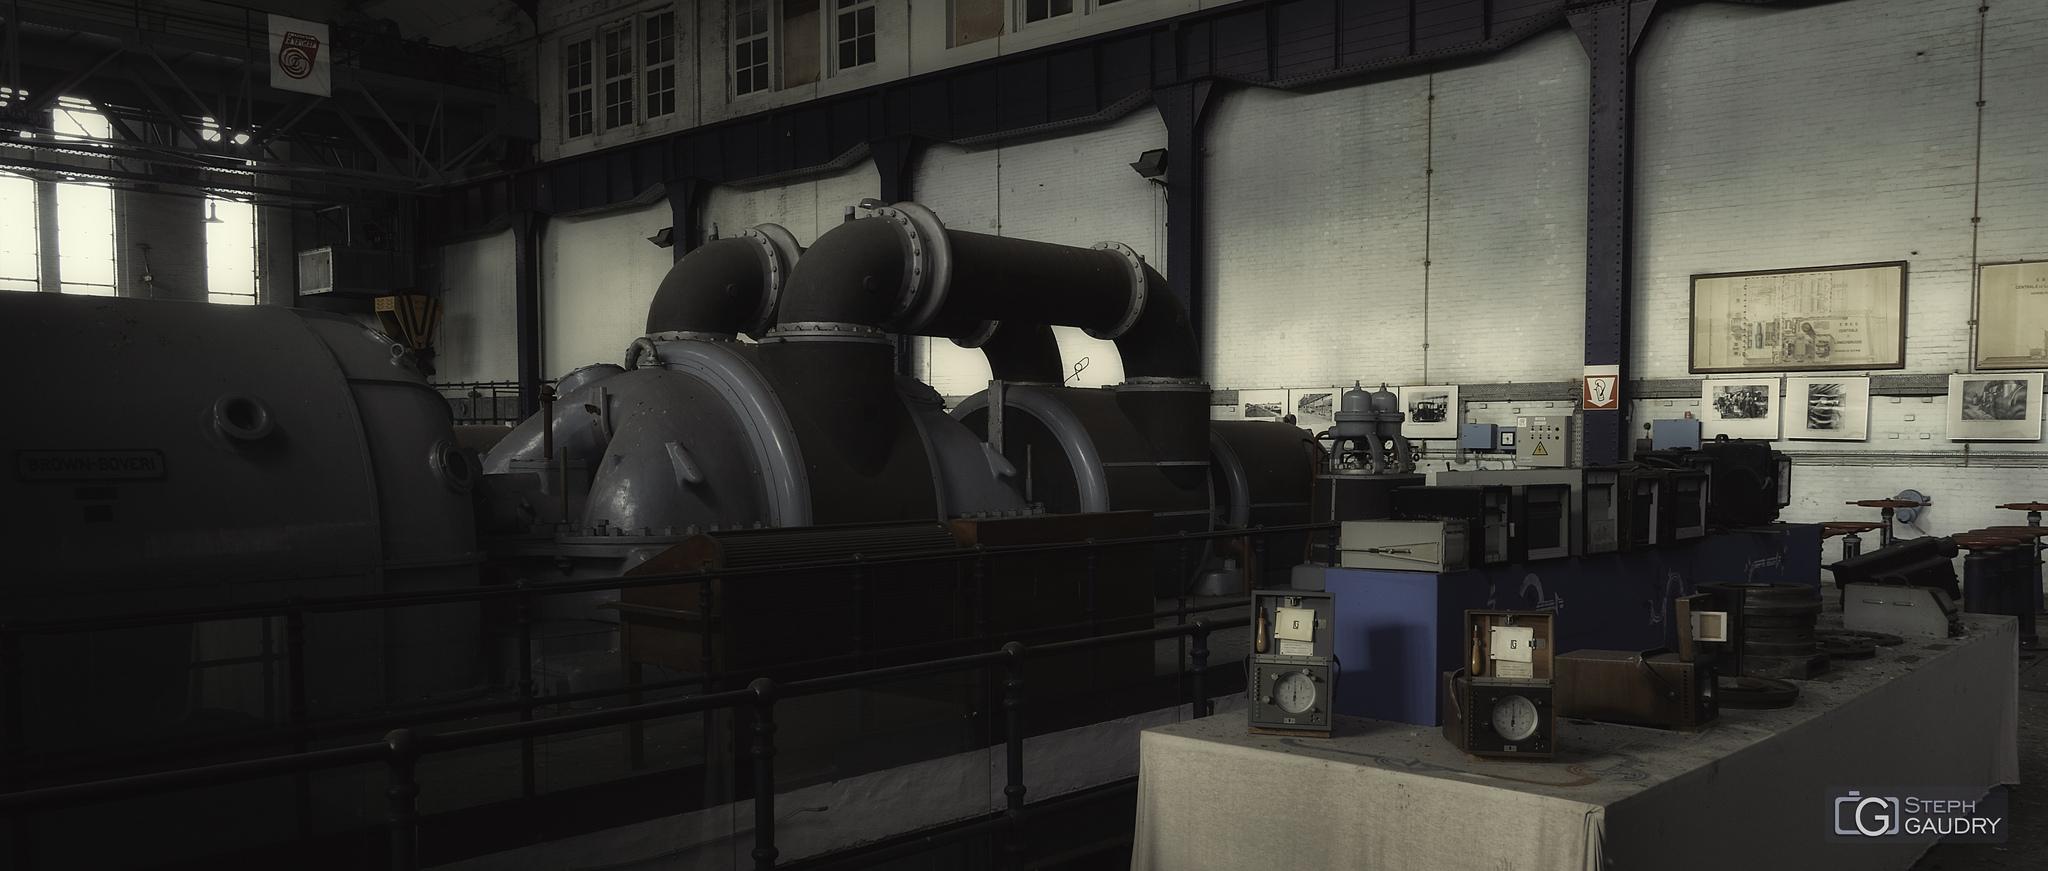 ECVB - EnergeiA - 3 [Cliquez pour lancer le diaporama]